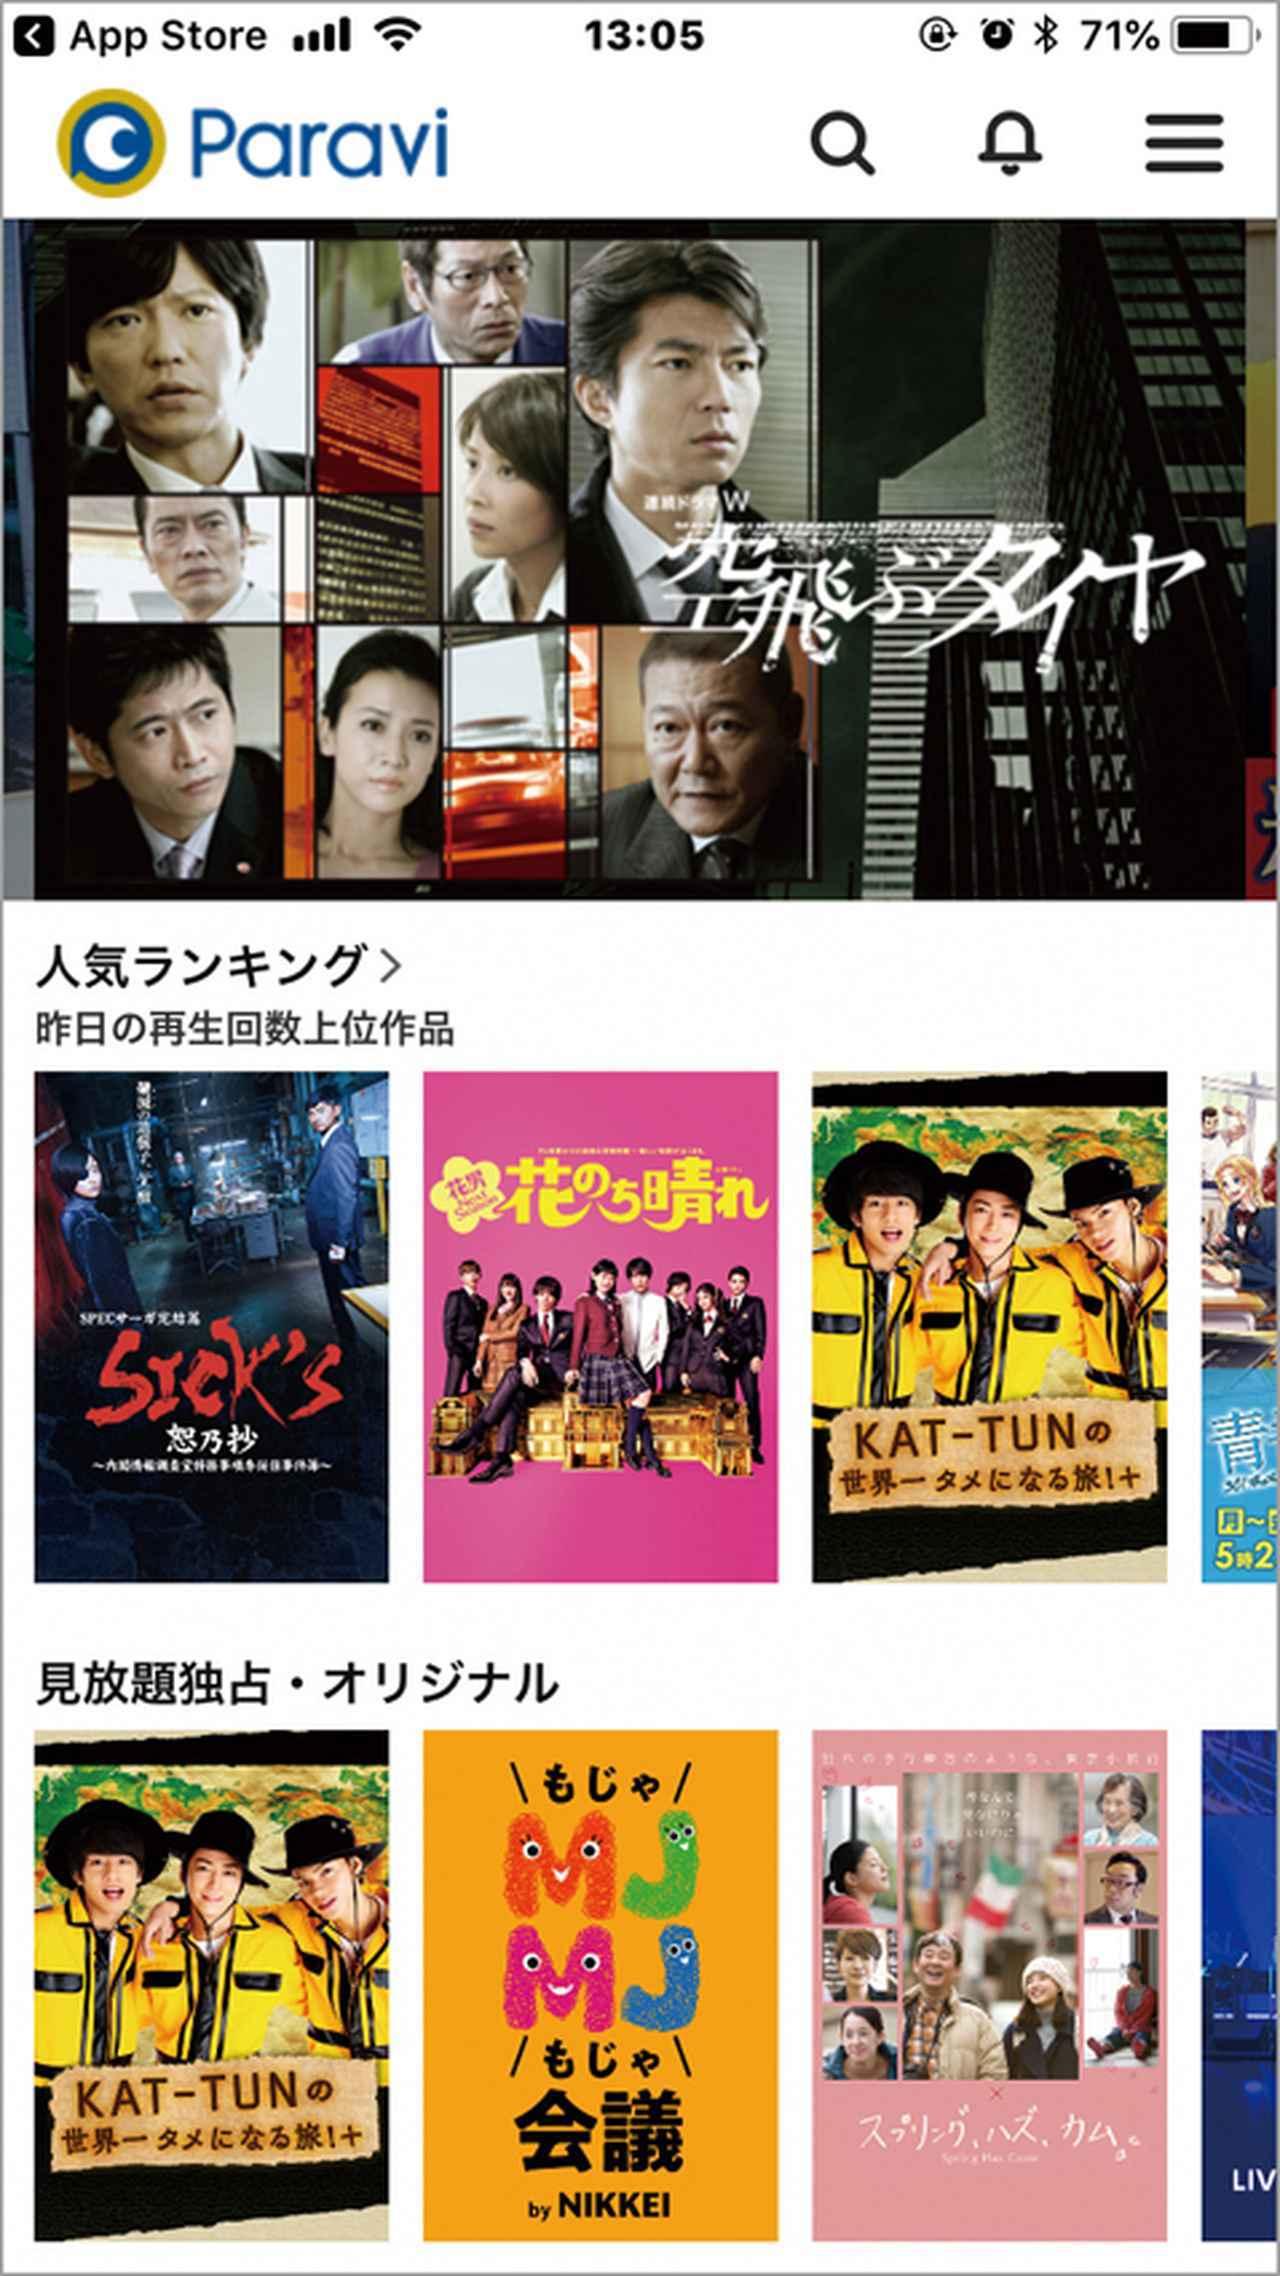 画像: TBS、テレビ東京、WOWOWなどが運営。テレビ好きなら入会して損はない。